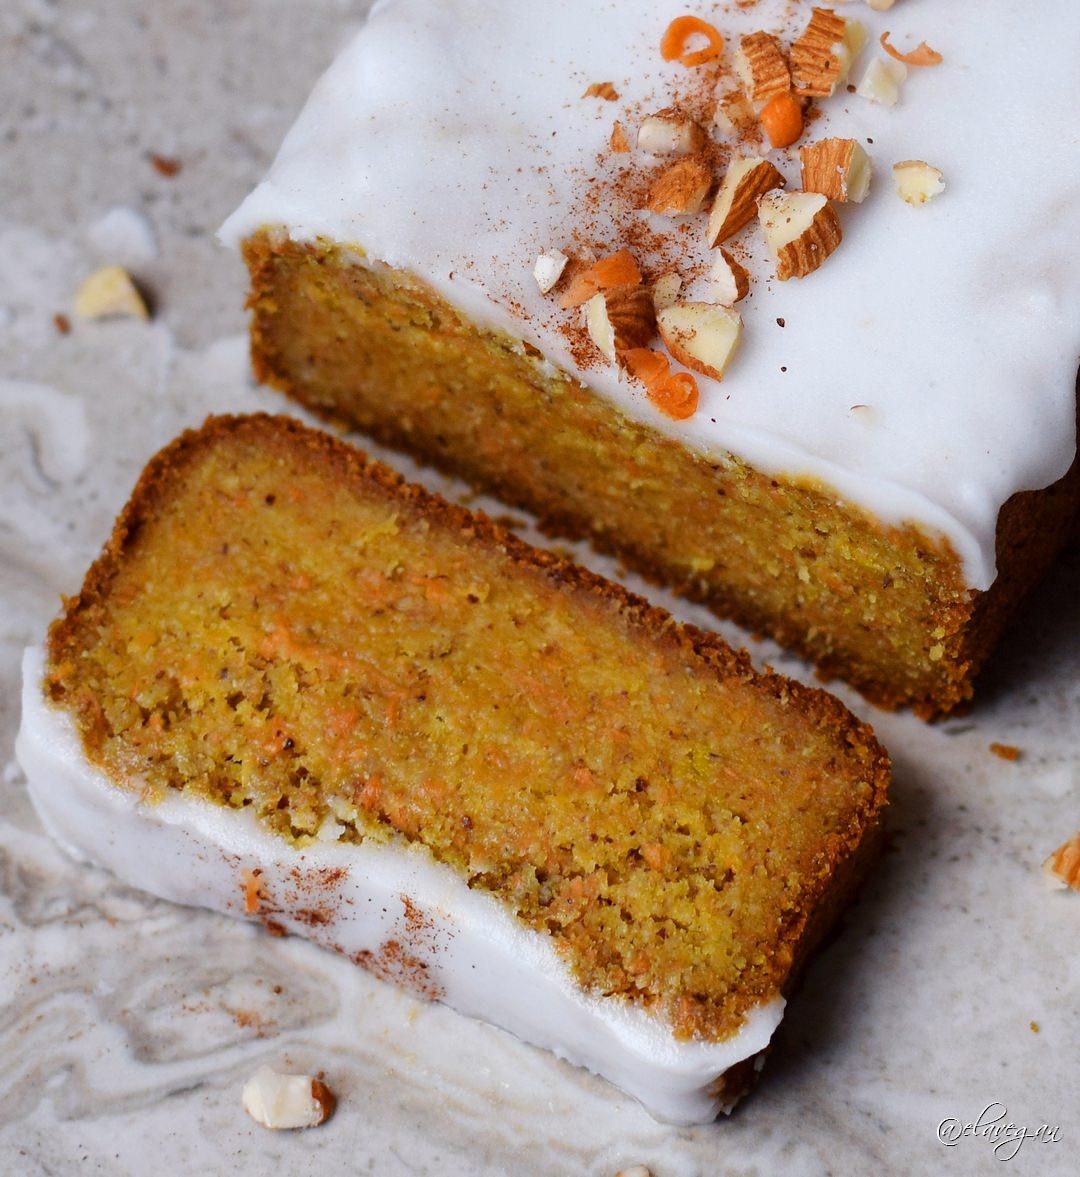 Gluten Free Sugar Free Carrot Cake  Vegan gluten free carrot cake recipe